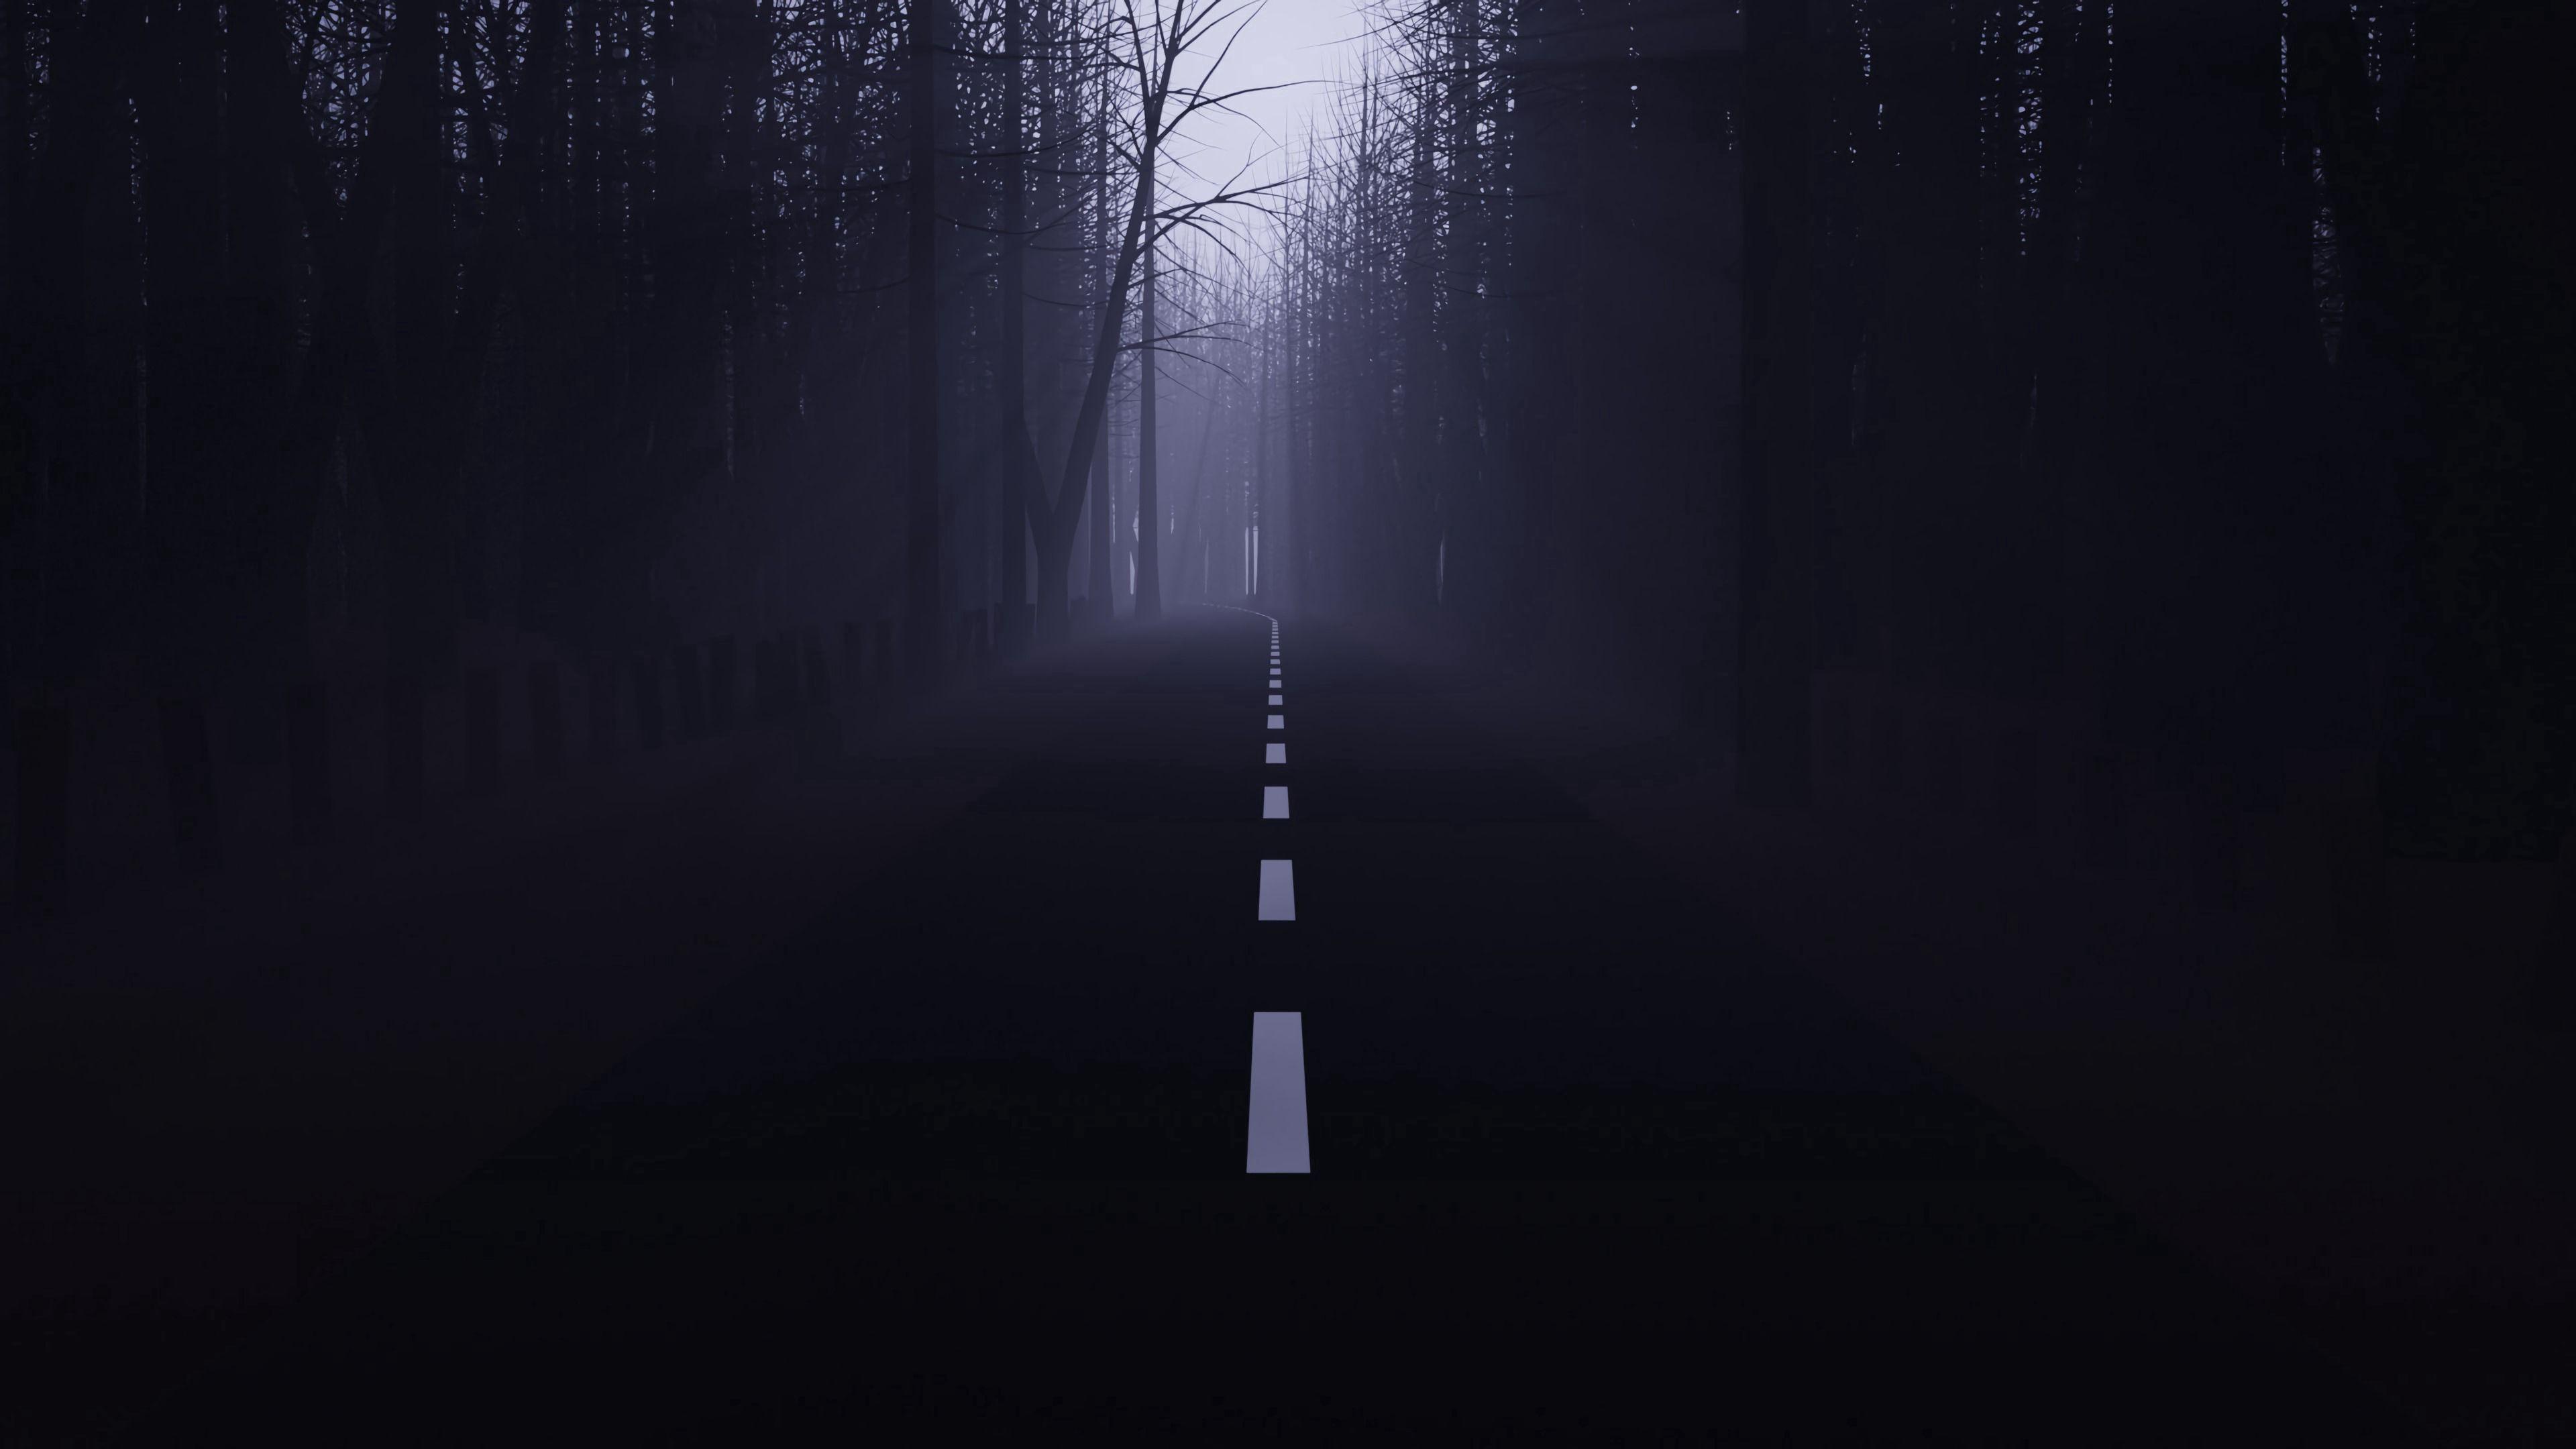 54292 скачать обои Темные, Дорога, Лес, Туман, Мгла, Деревья, Темный - заставки и картинки бесплатно